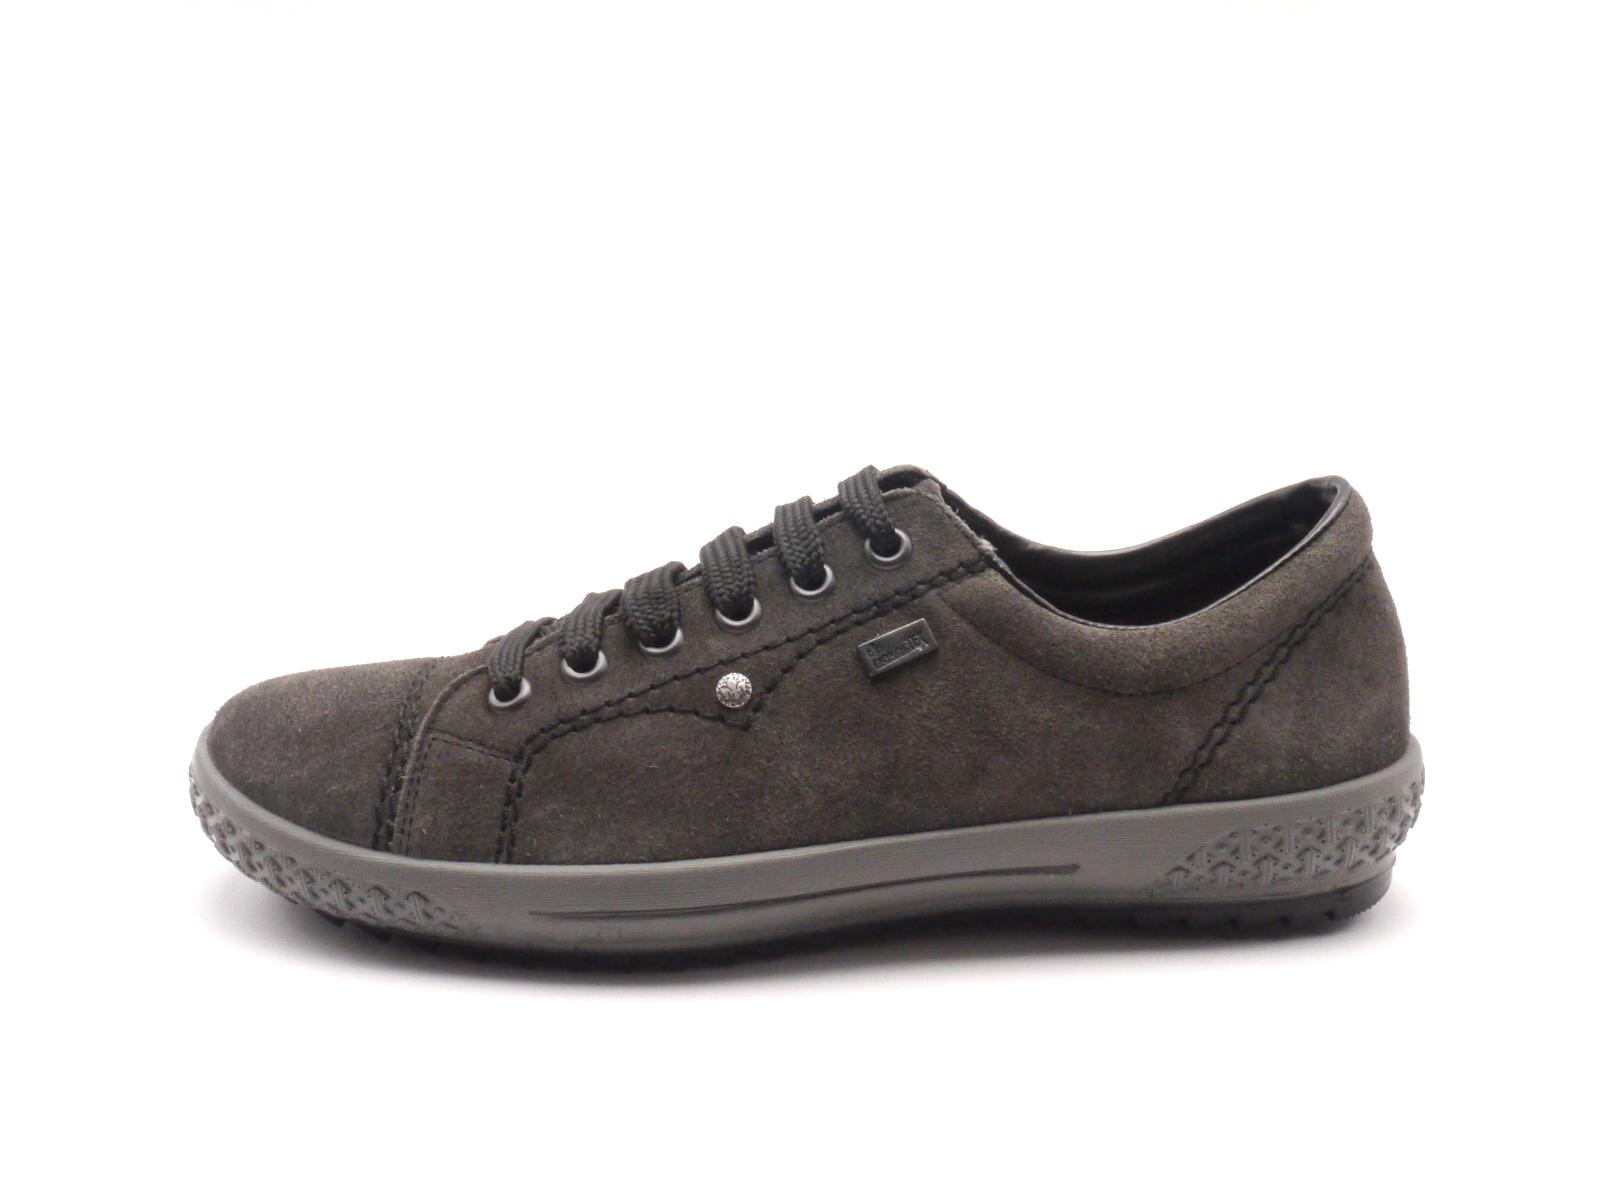 Rieker Dámská obuv velice pohodlná M6104-45 Velikost: 42